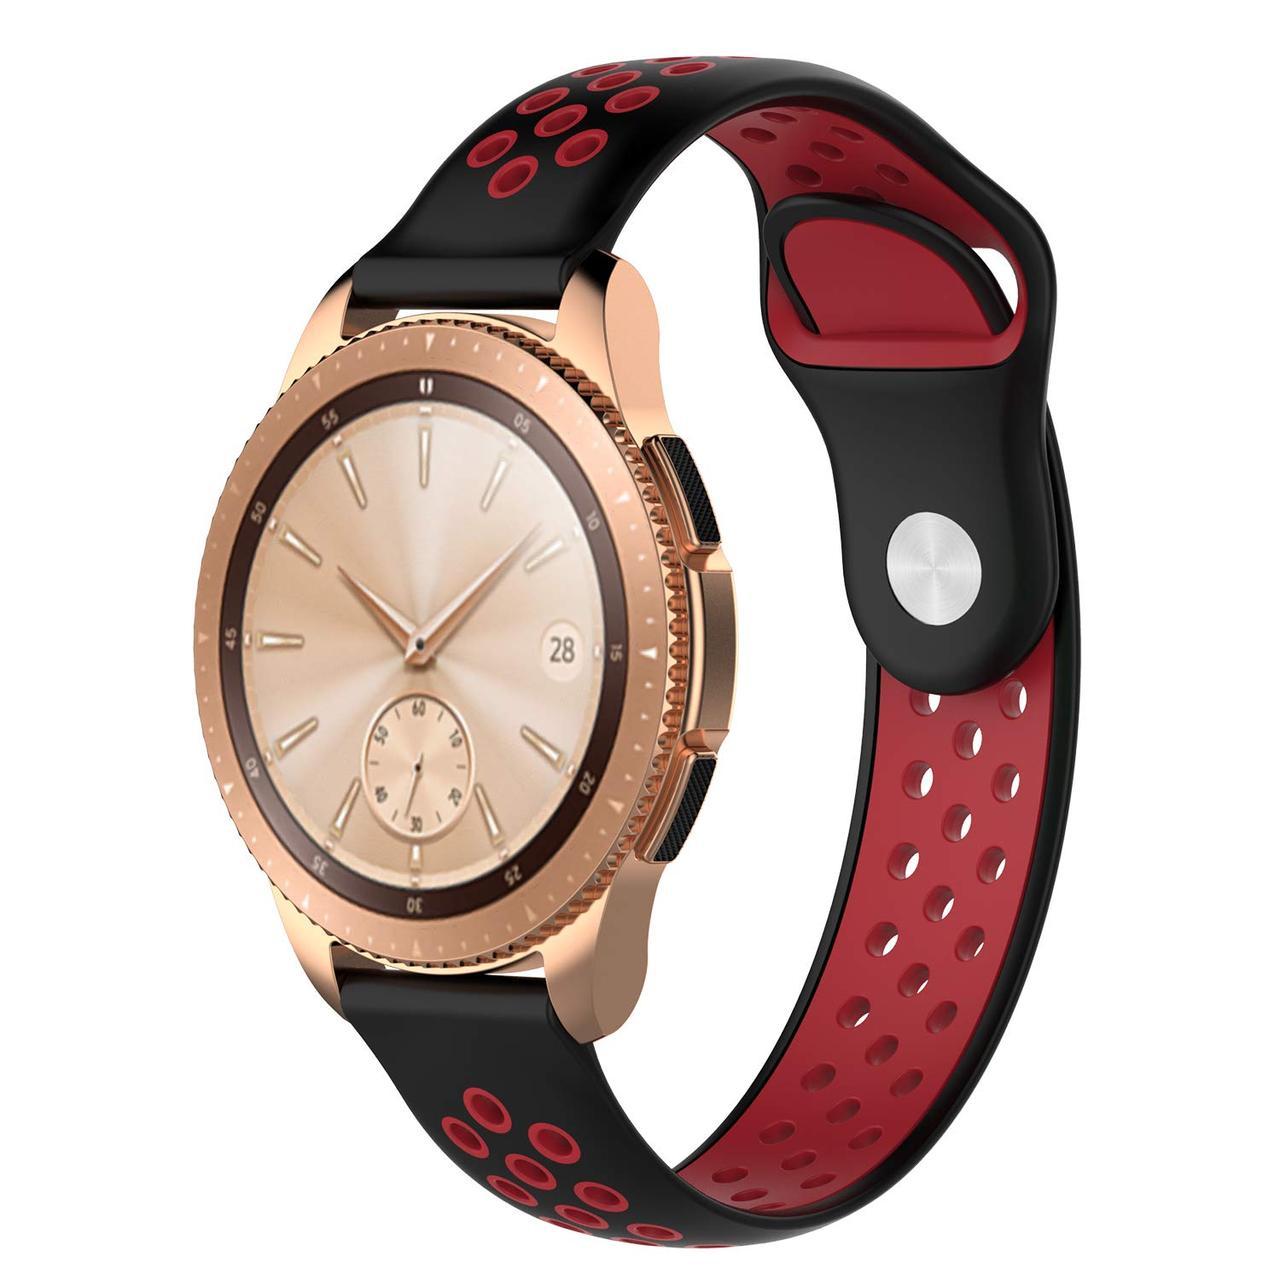 Ремешок 20мм BeWatch sport-style для Samsung Active| Active 2 | Galaxy watch 42mm Черно-Красный (1010113)